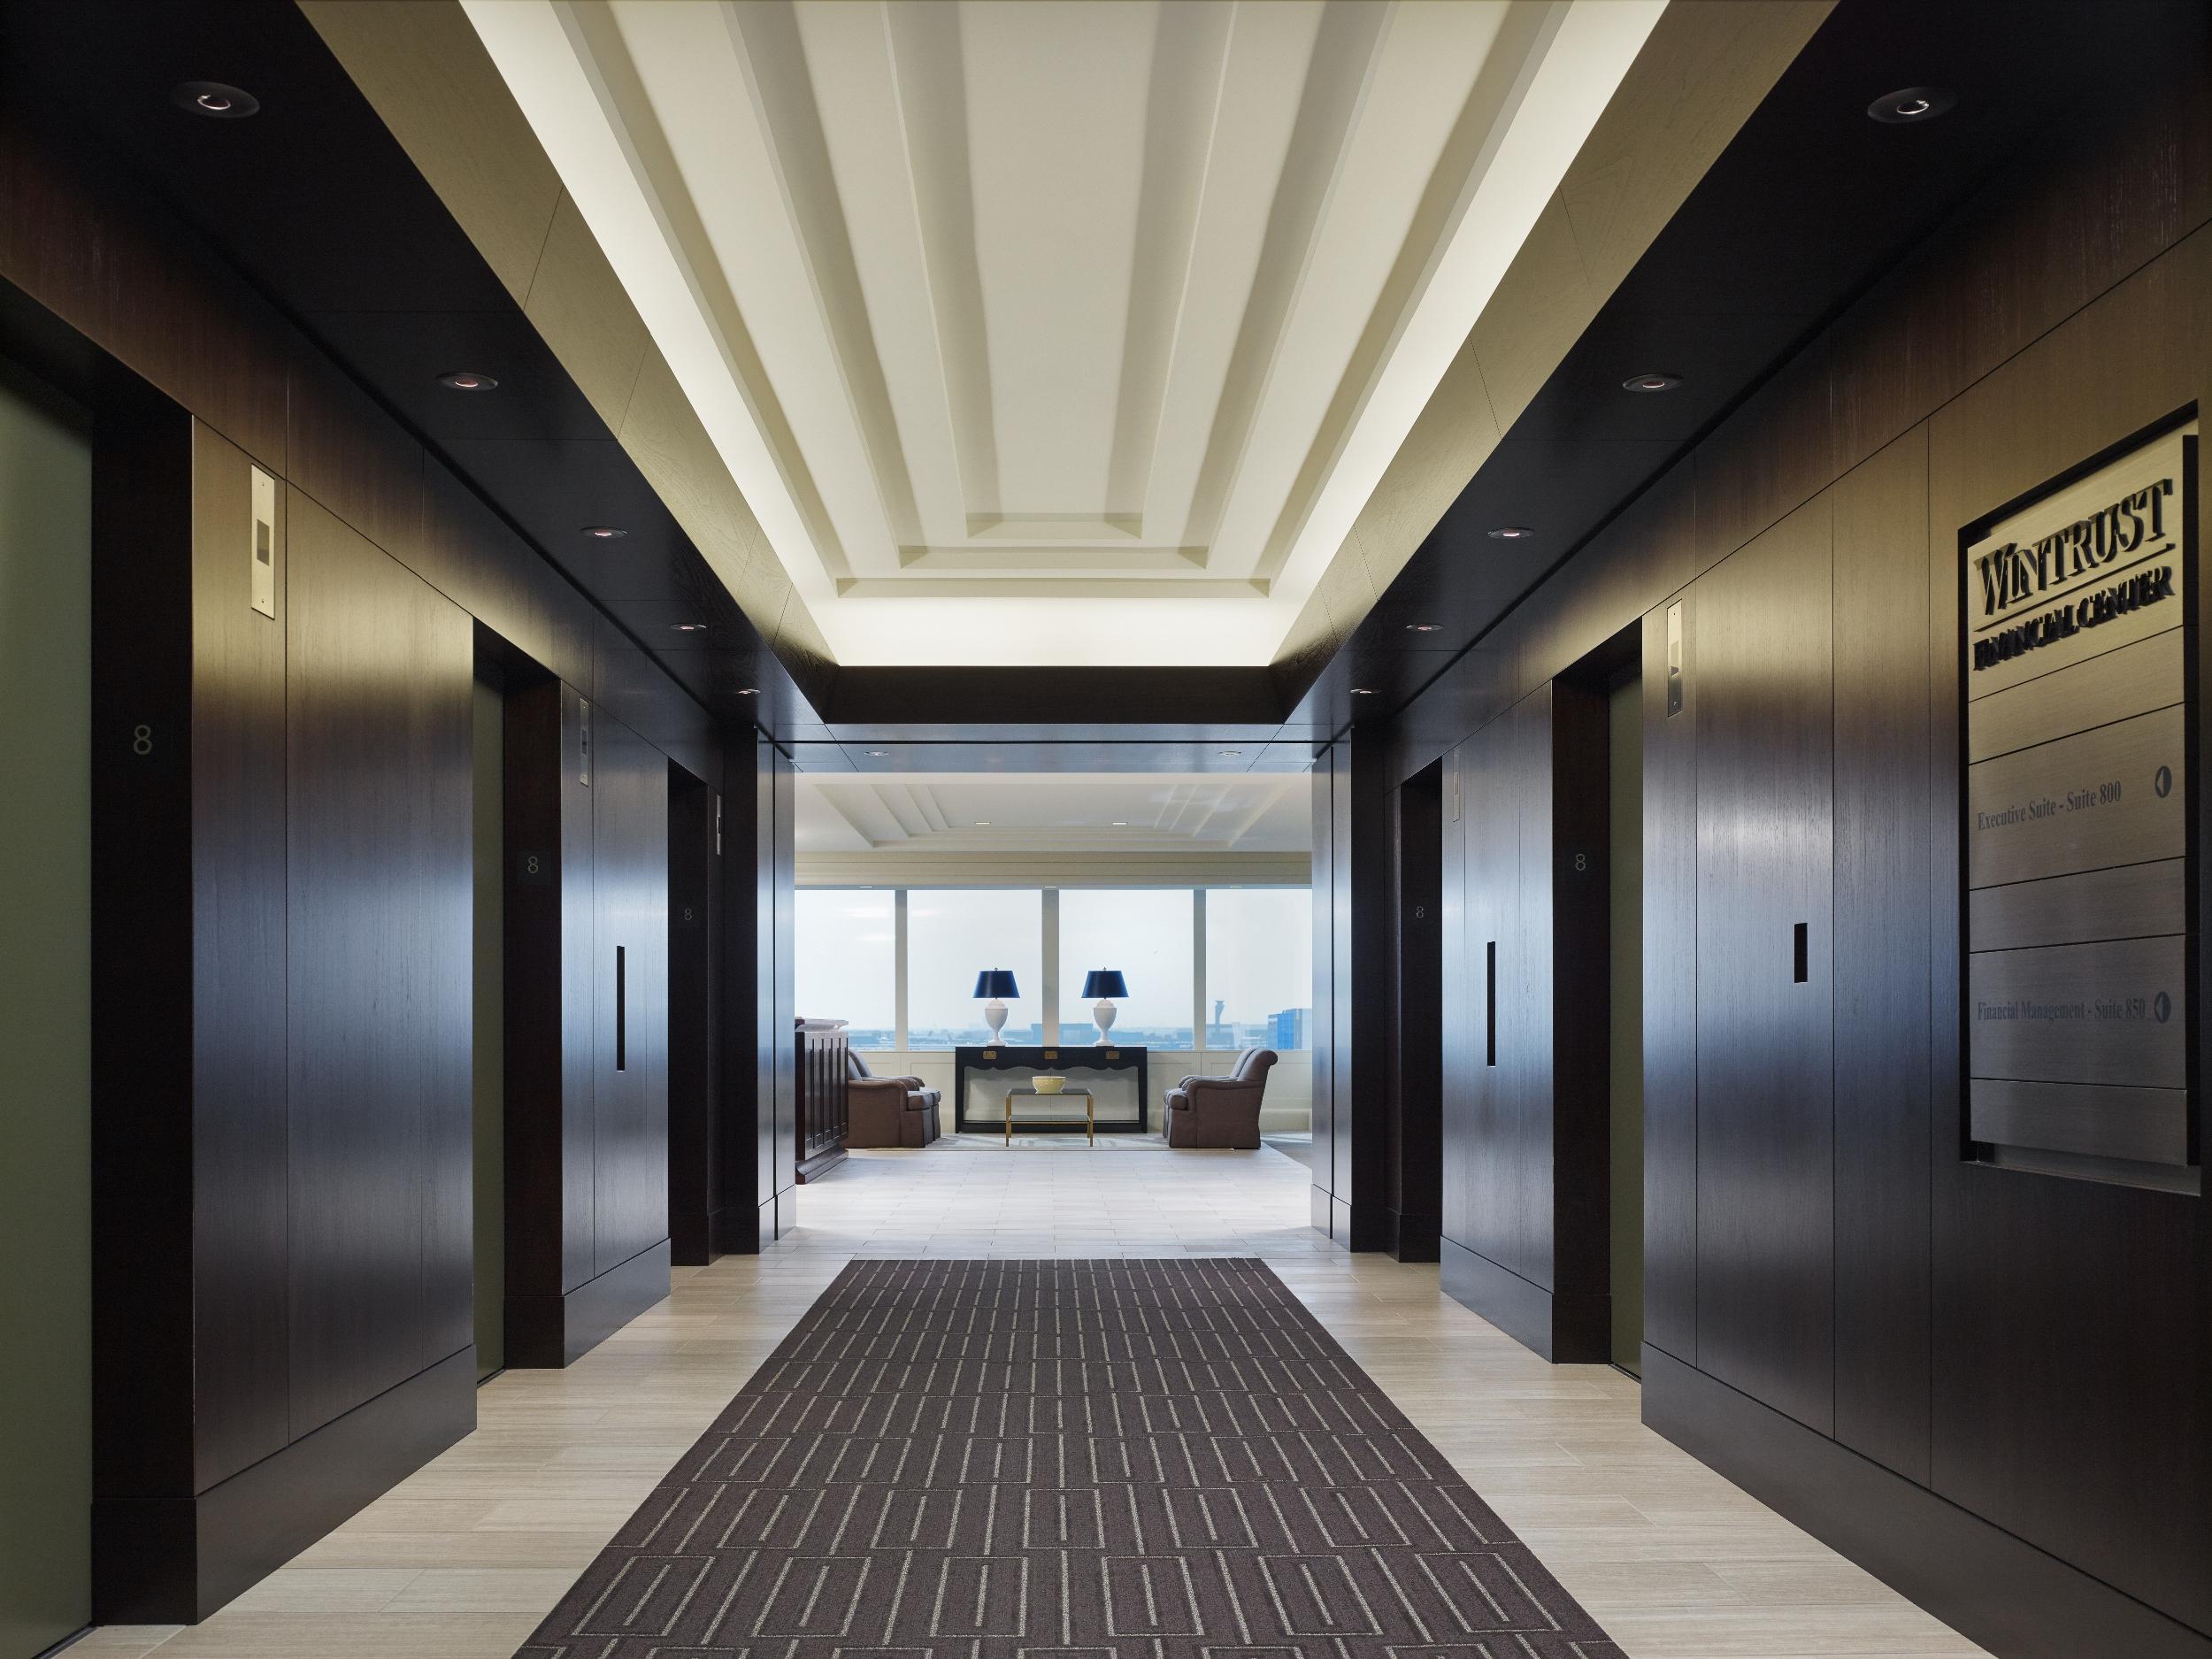 Elevator Lobby in Wintrust HQ.